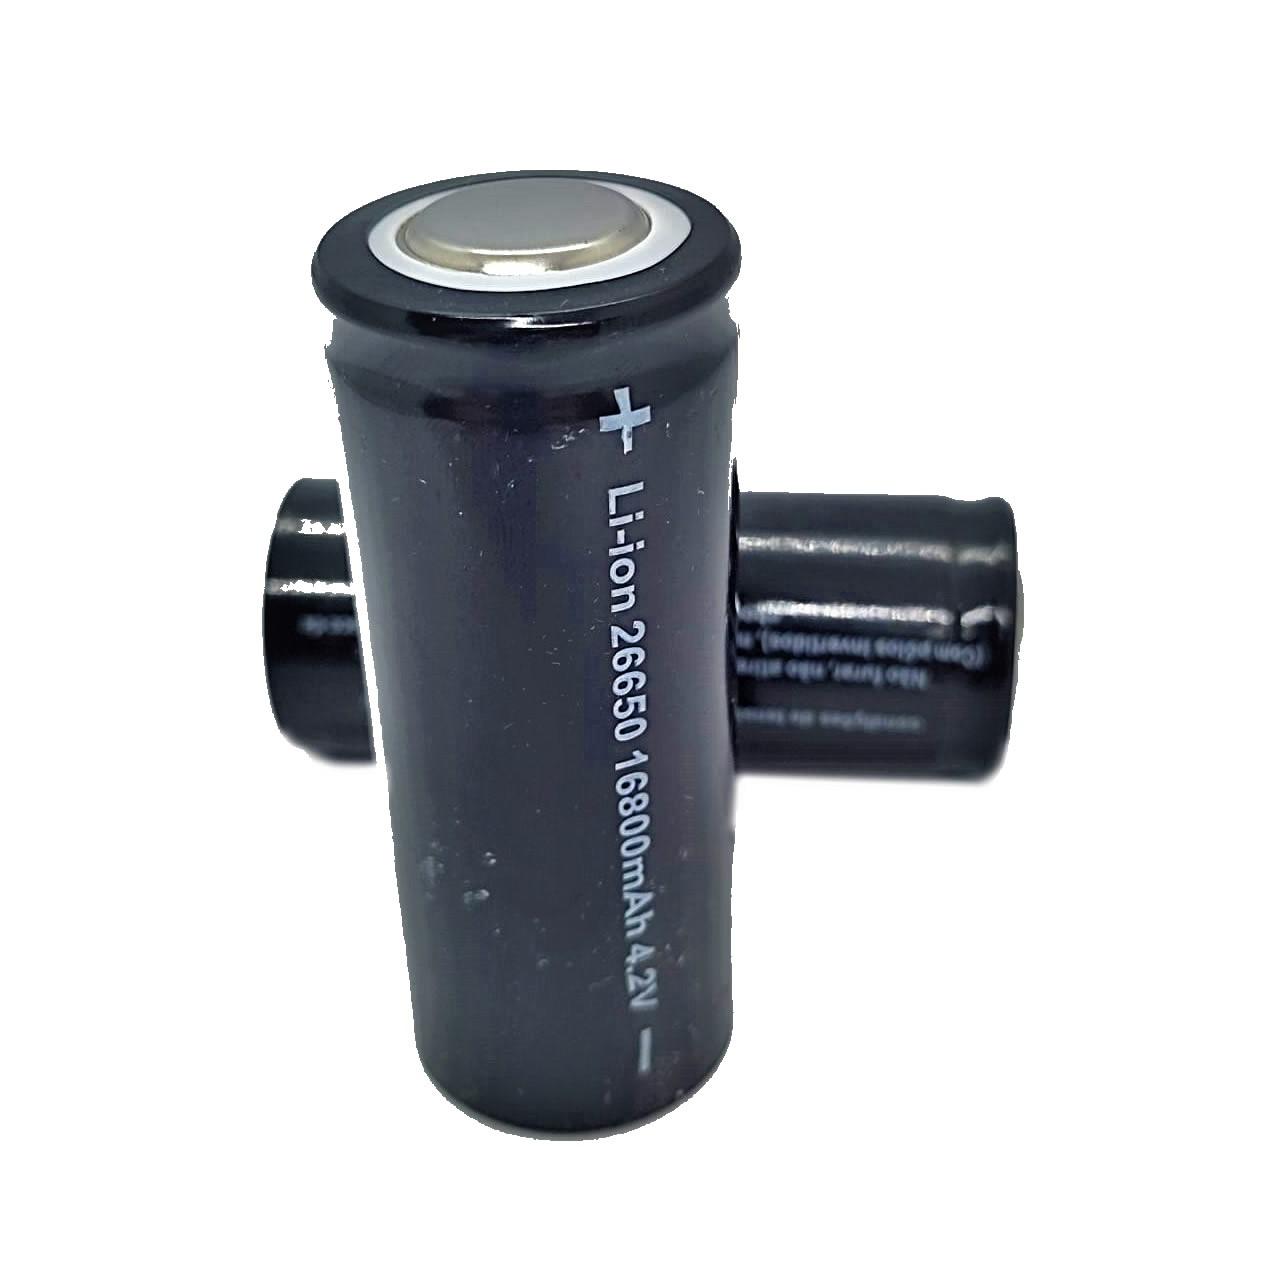 Bateria Recarregável Lanterna Tática 26650 16800mah 4.2v Li-ion